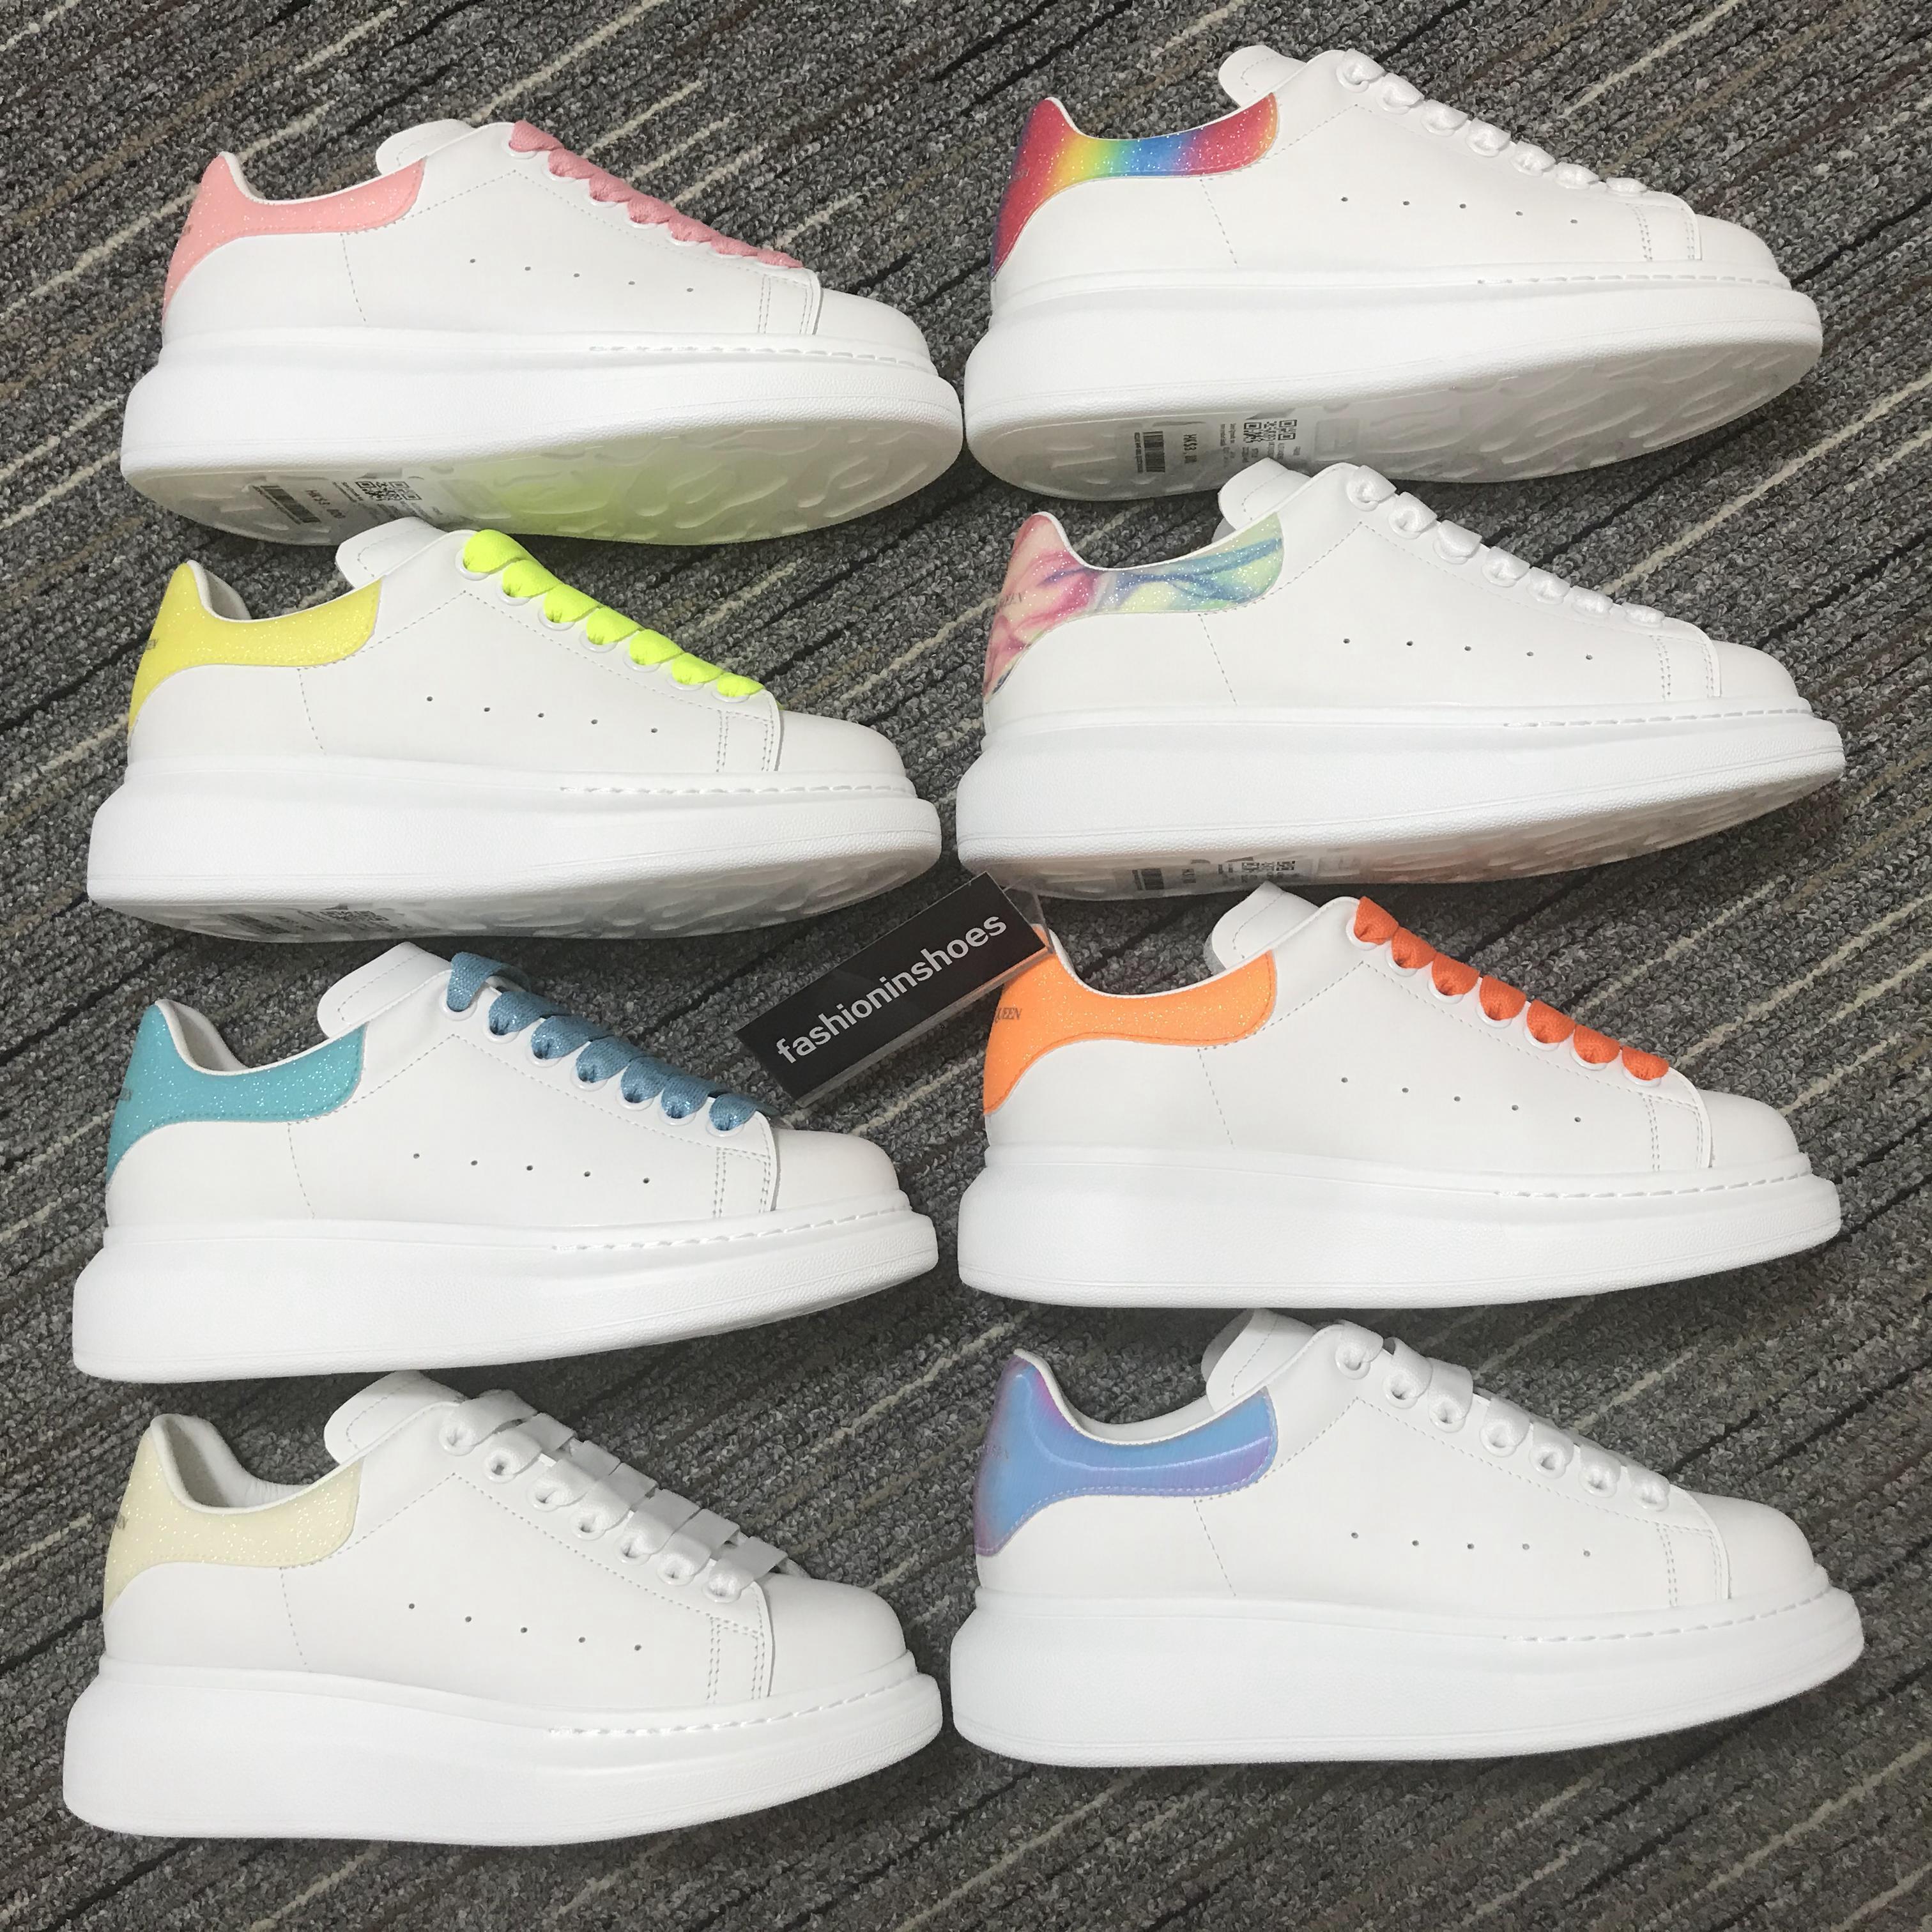 Nuove scarpe firmate inferiori rosse mens nozze Casual Shoes gz piattaforma scarpa da tennis di grandi dimensioni fuori aria bianca Kanye epoca corridore cc allenatore 35-46